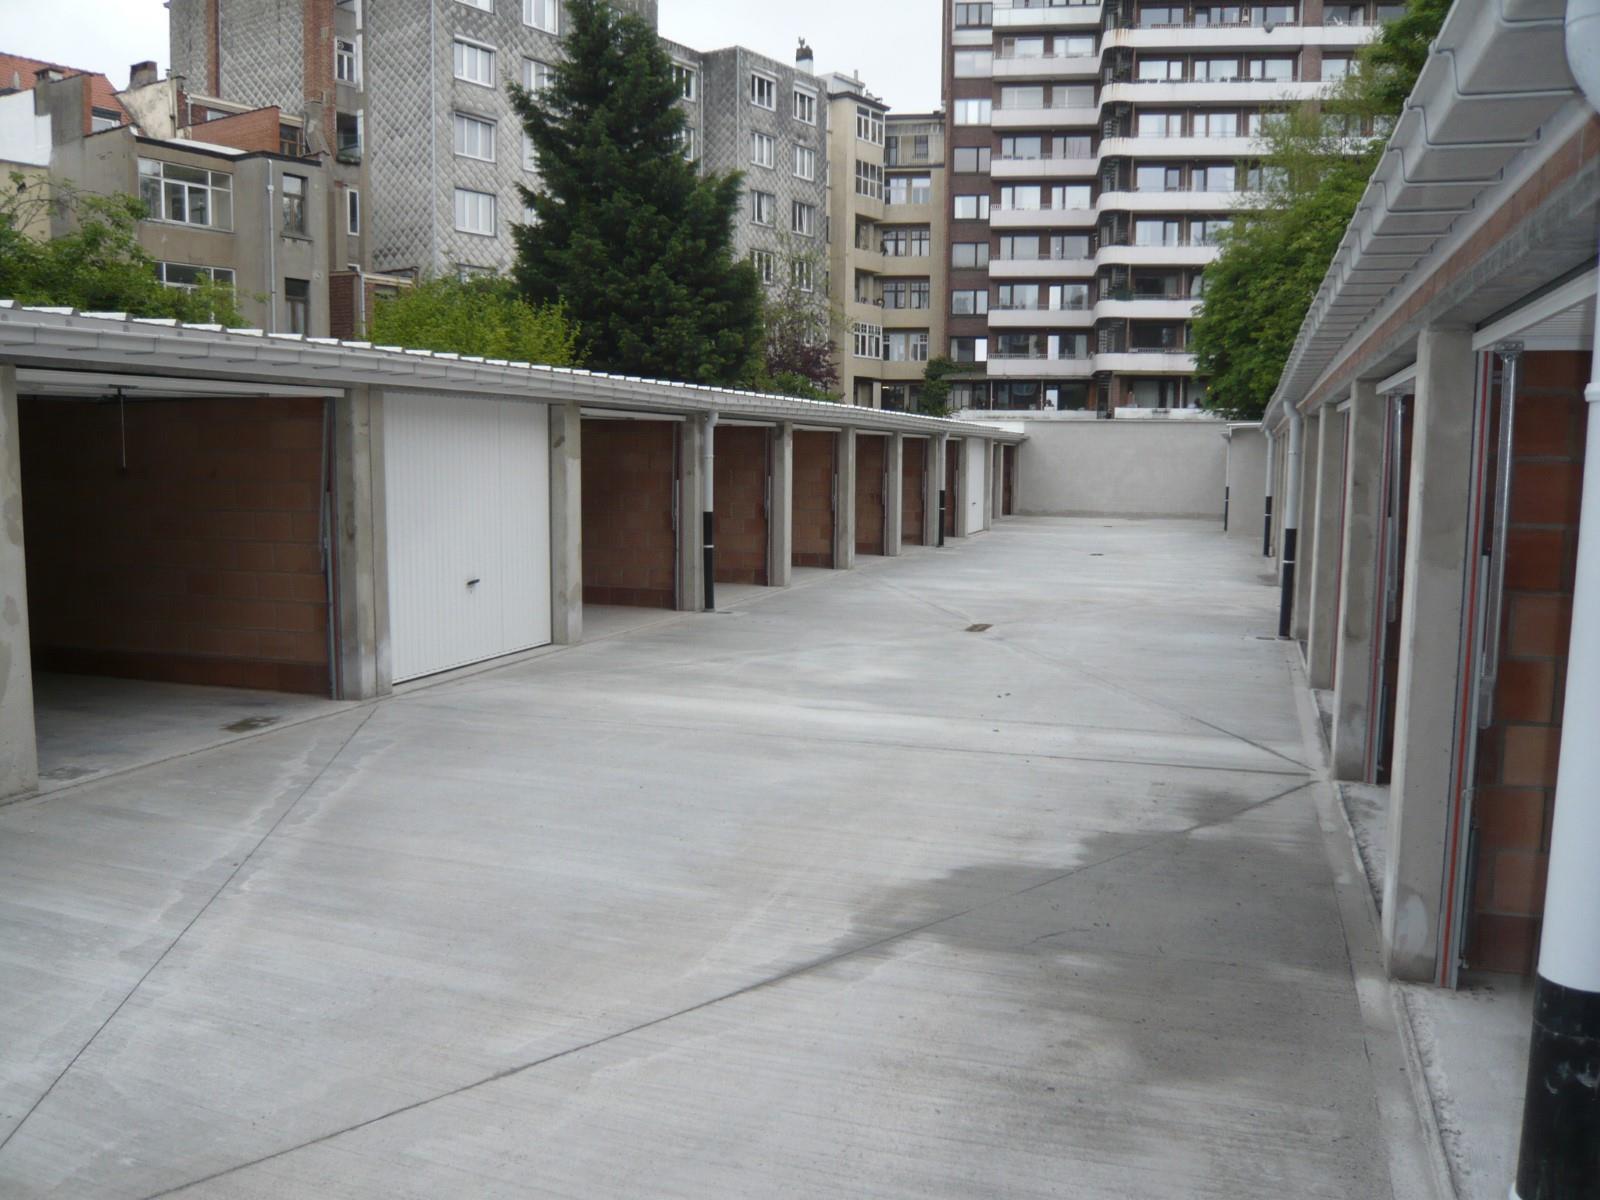 Garage (ferme) - Schaerbeek - #3174169-1